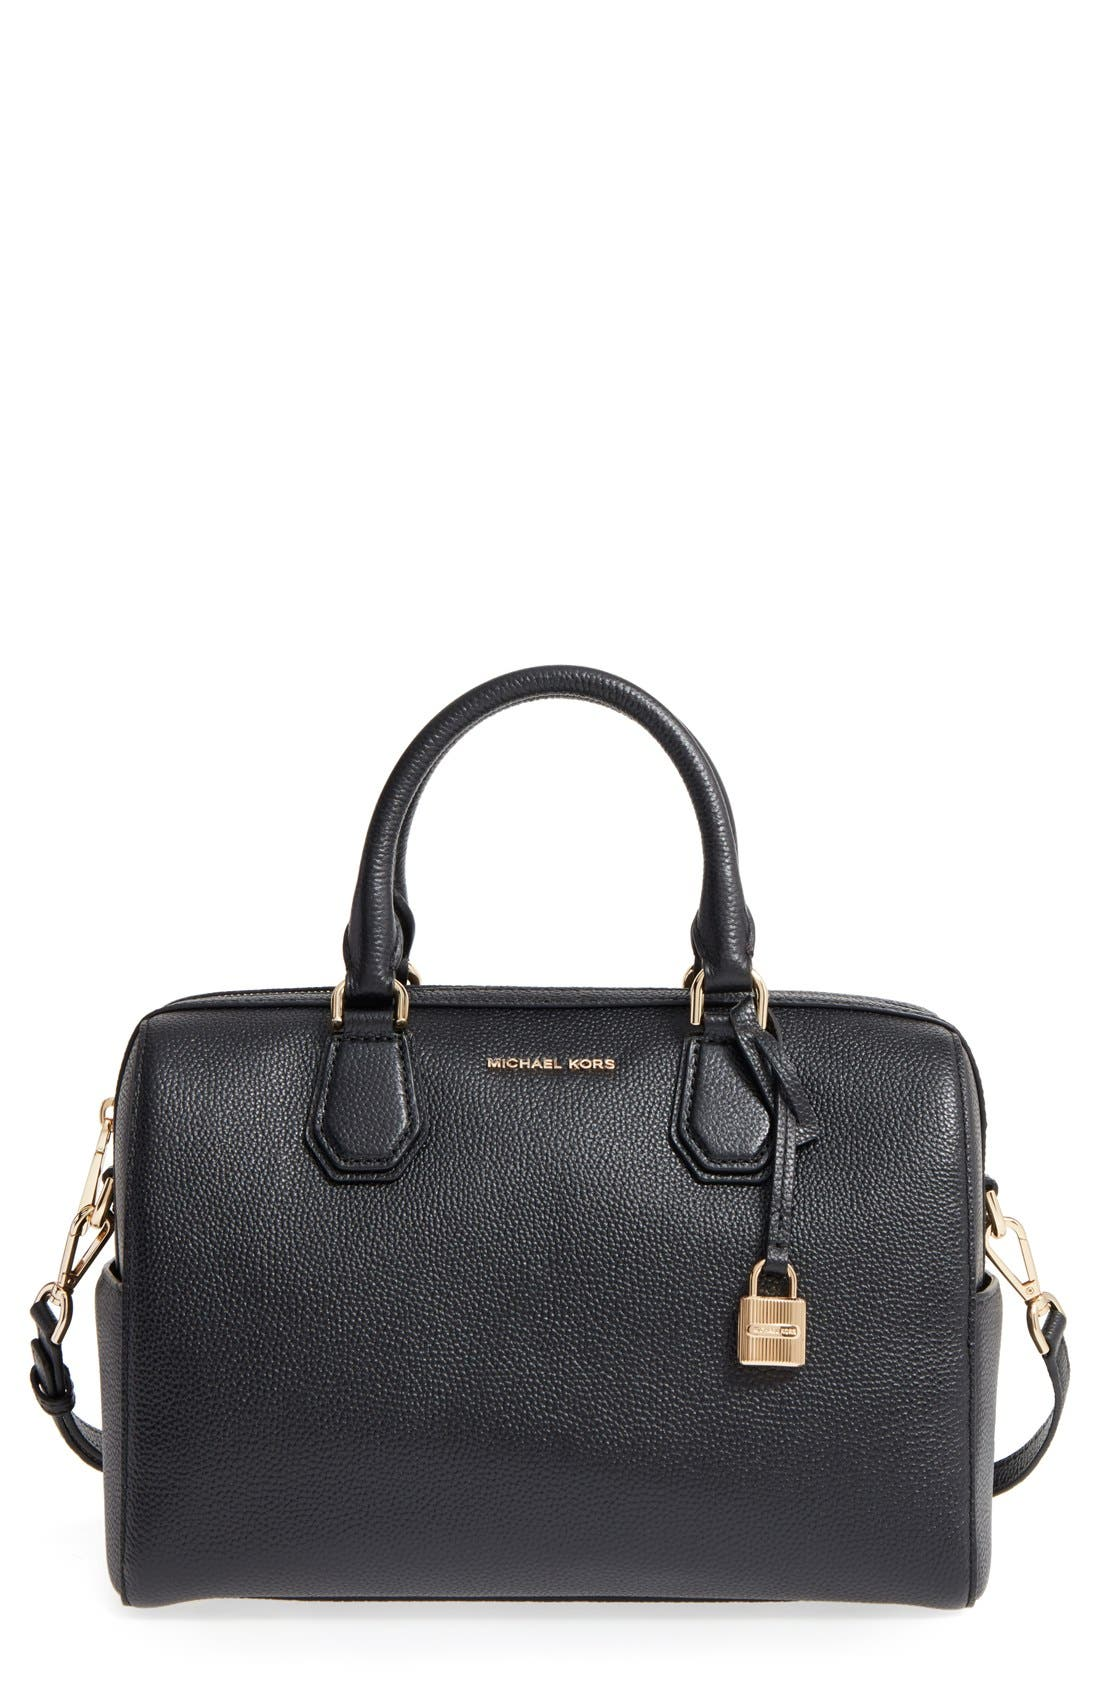 Alternate Image 1 Selected - MICHAEL Michael Kors Medium Mercer Duffel Bag